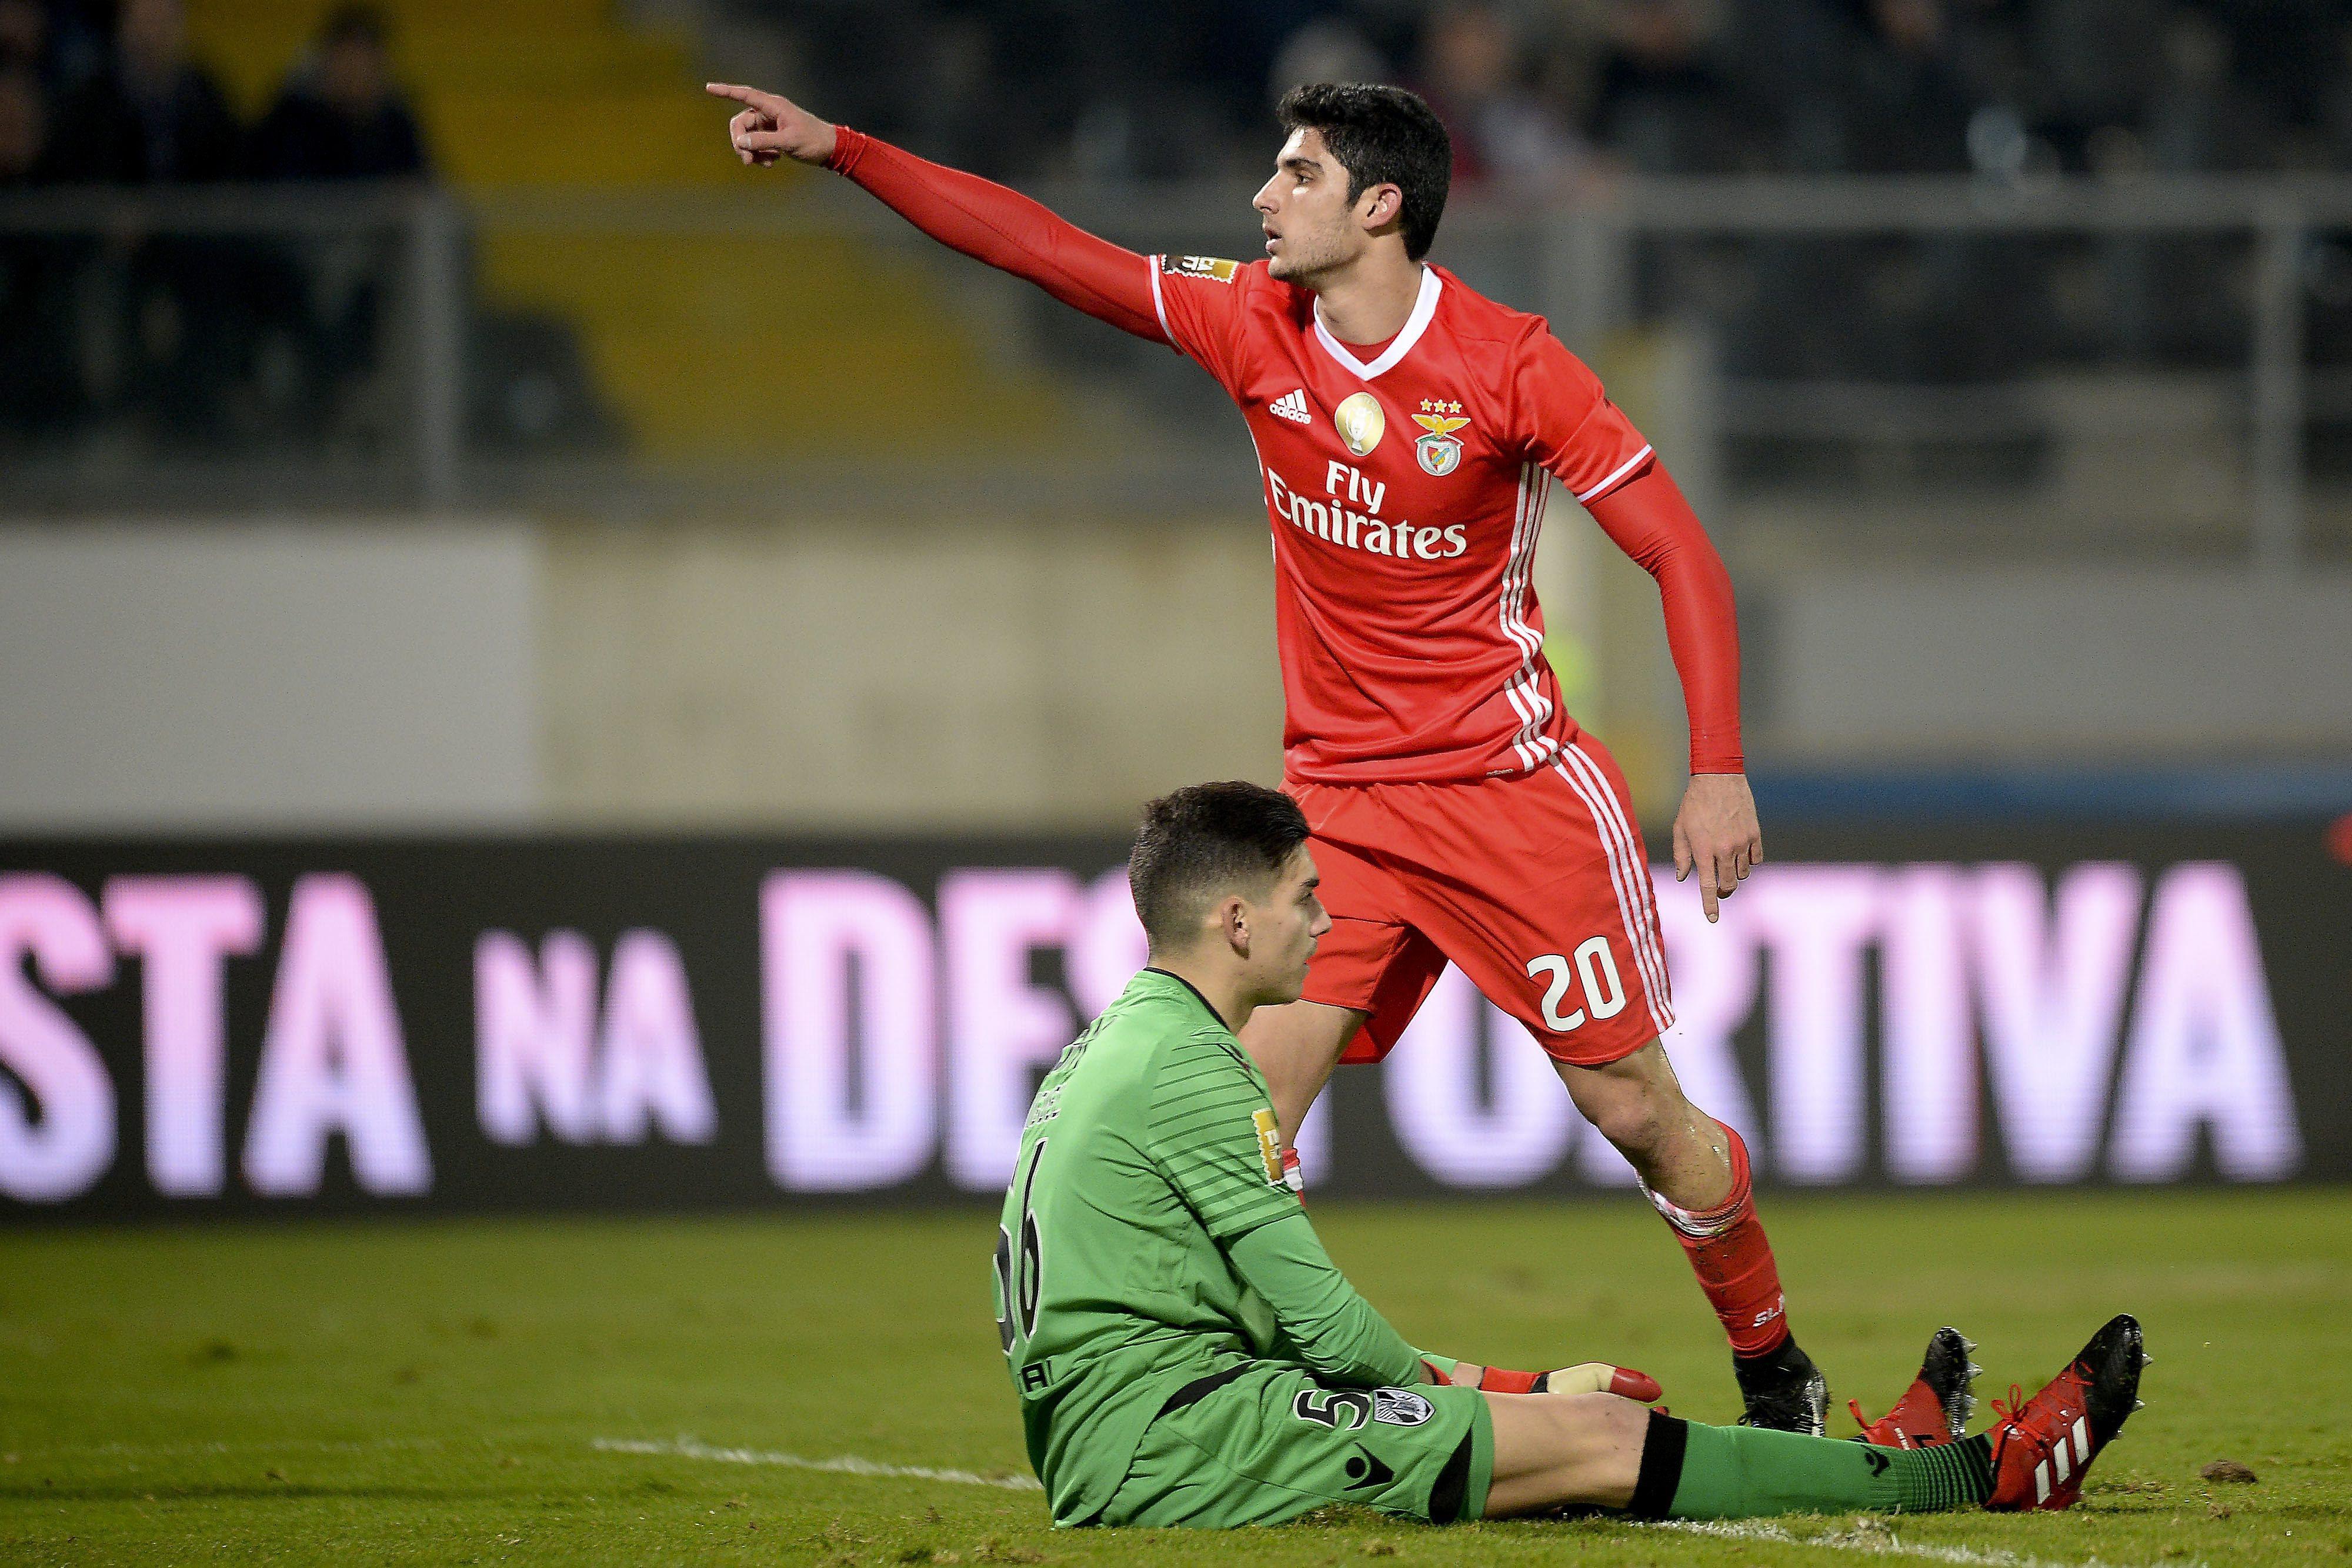 Treinador do Paris Saint-Germain admite interesse no avançado Gonçalo Guedes